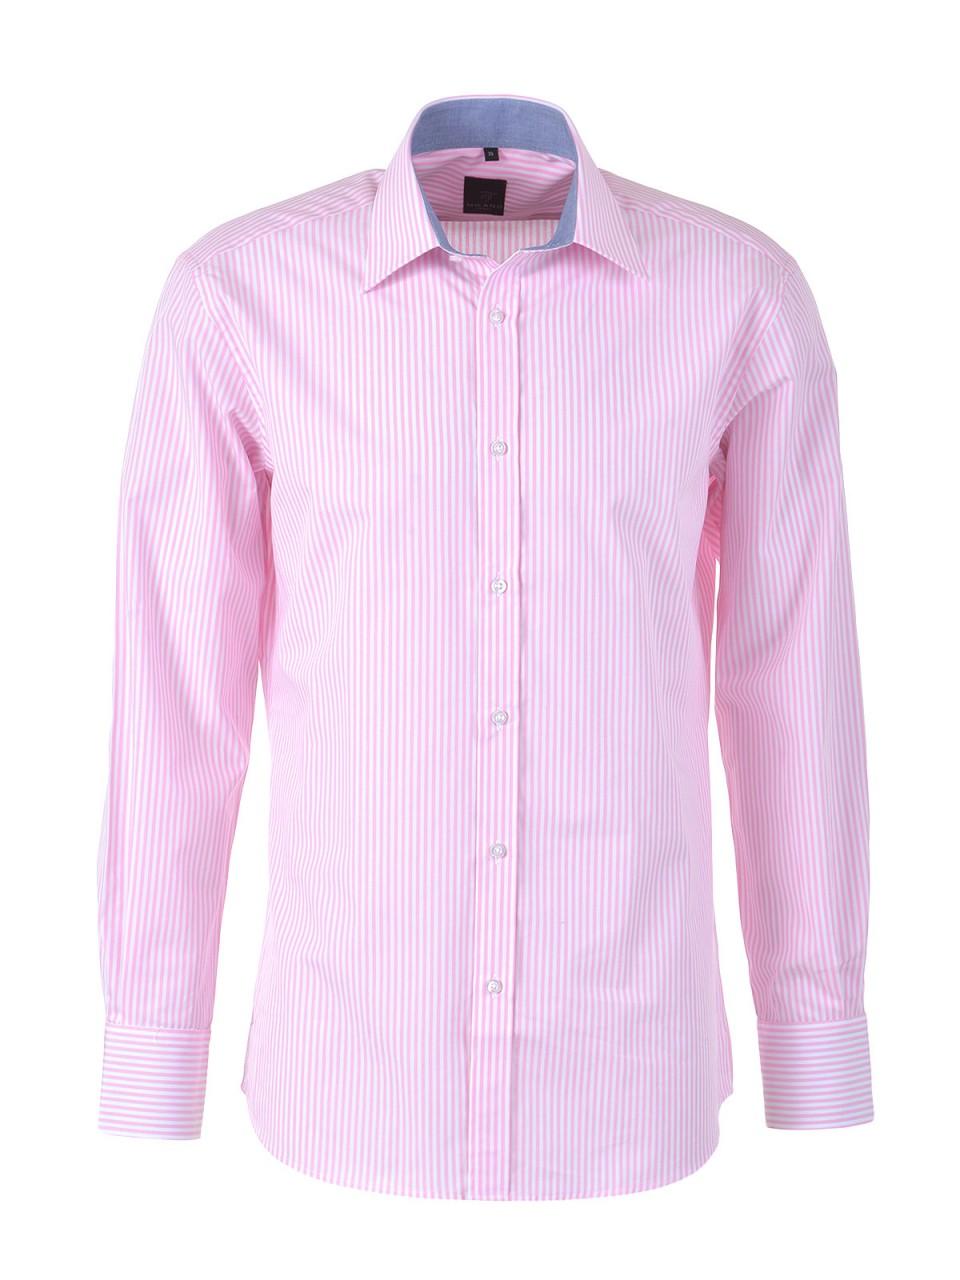 milano-italy-herren-hemd-rosa-wei-szlig-